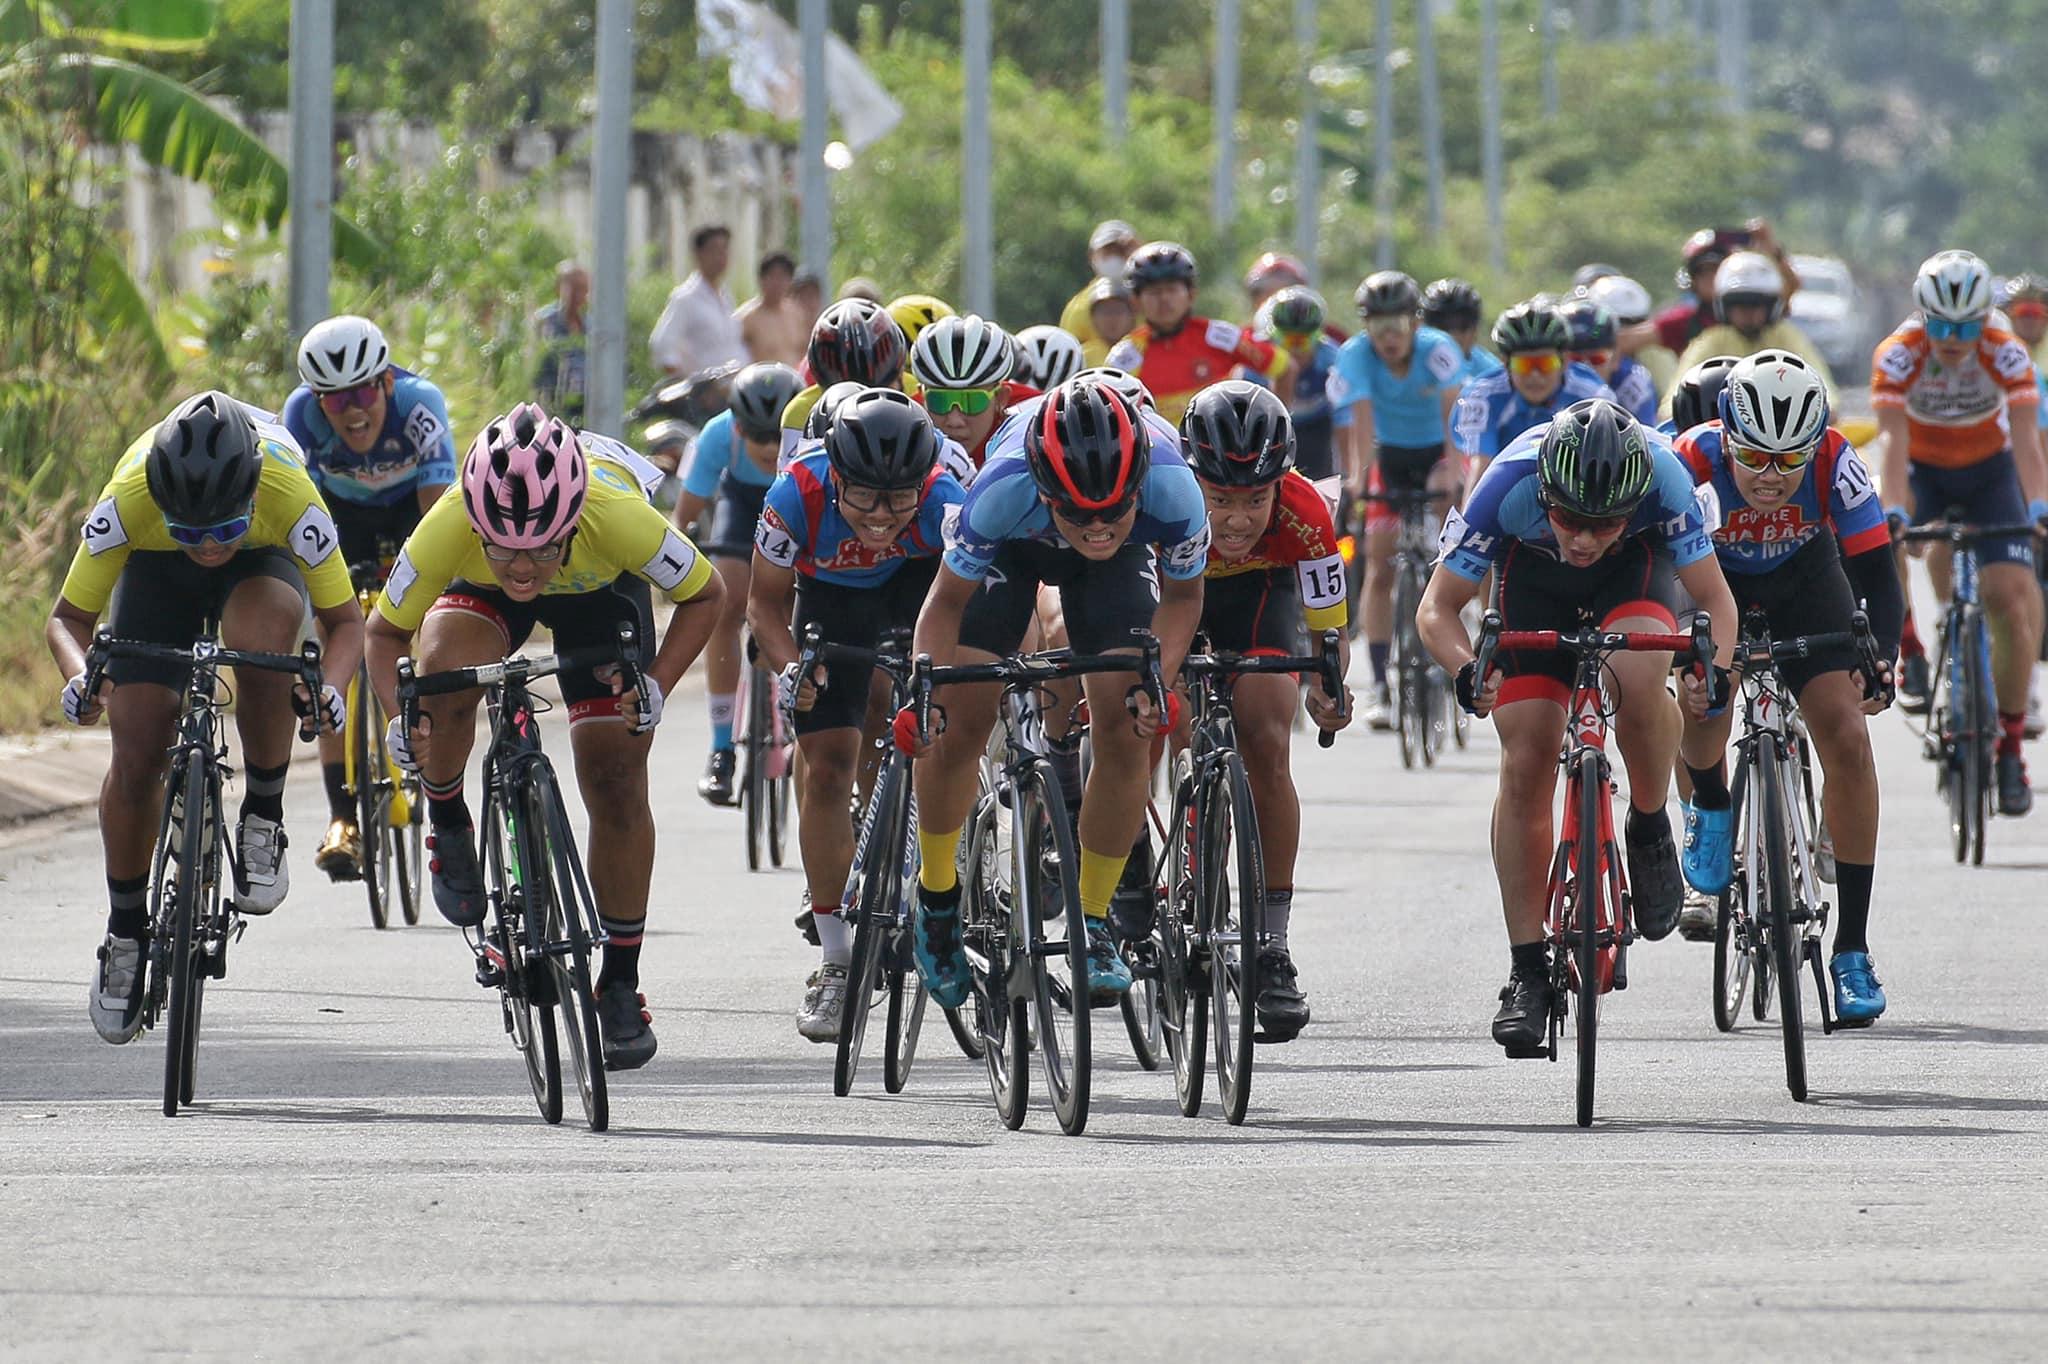 Hình ảnh: Giải xe đạp trẻ TP.HCM năm 2020: Trung tâm TDTT H.Hóc Môn nhất toàn đoàn số 1